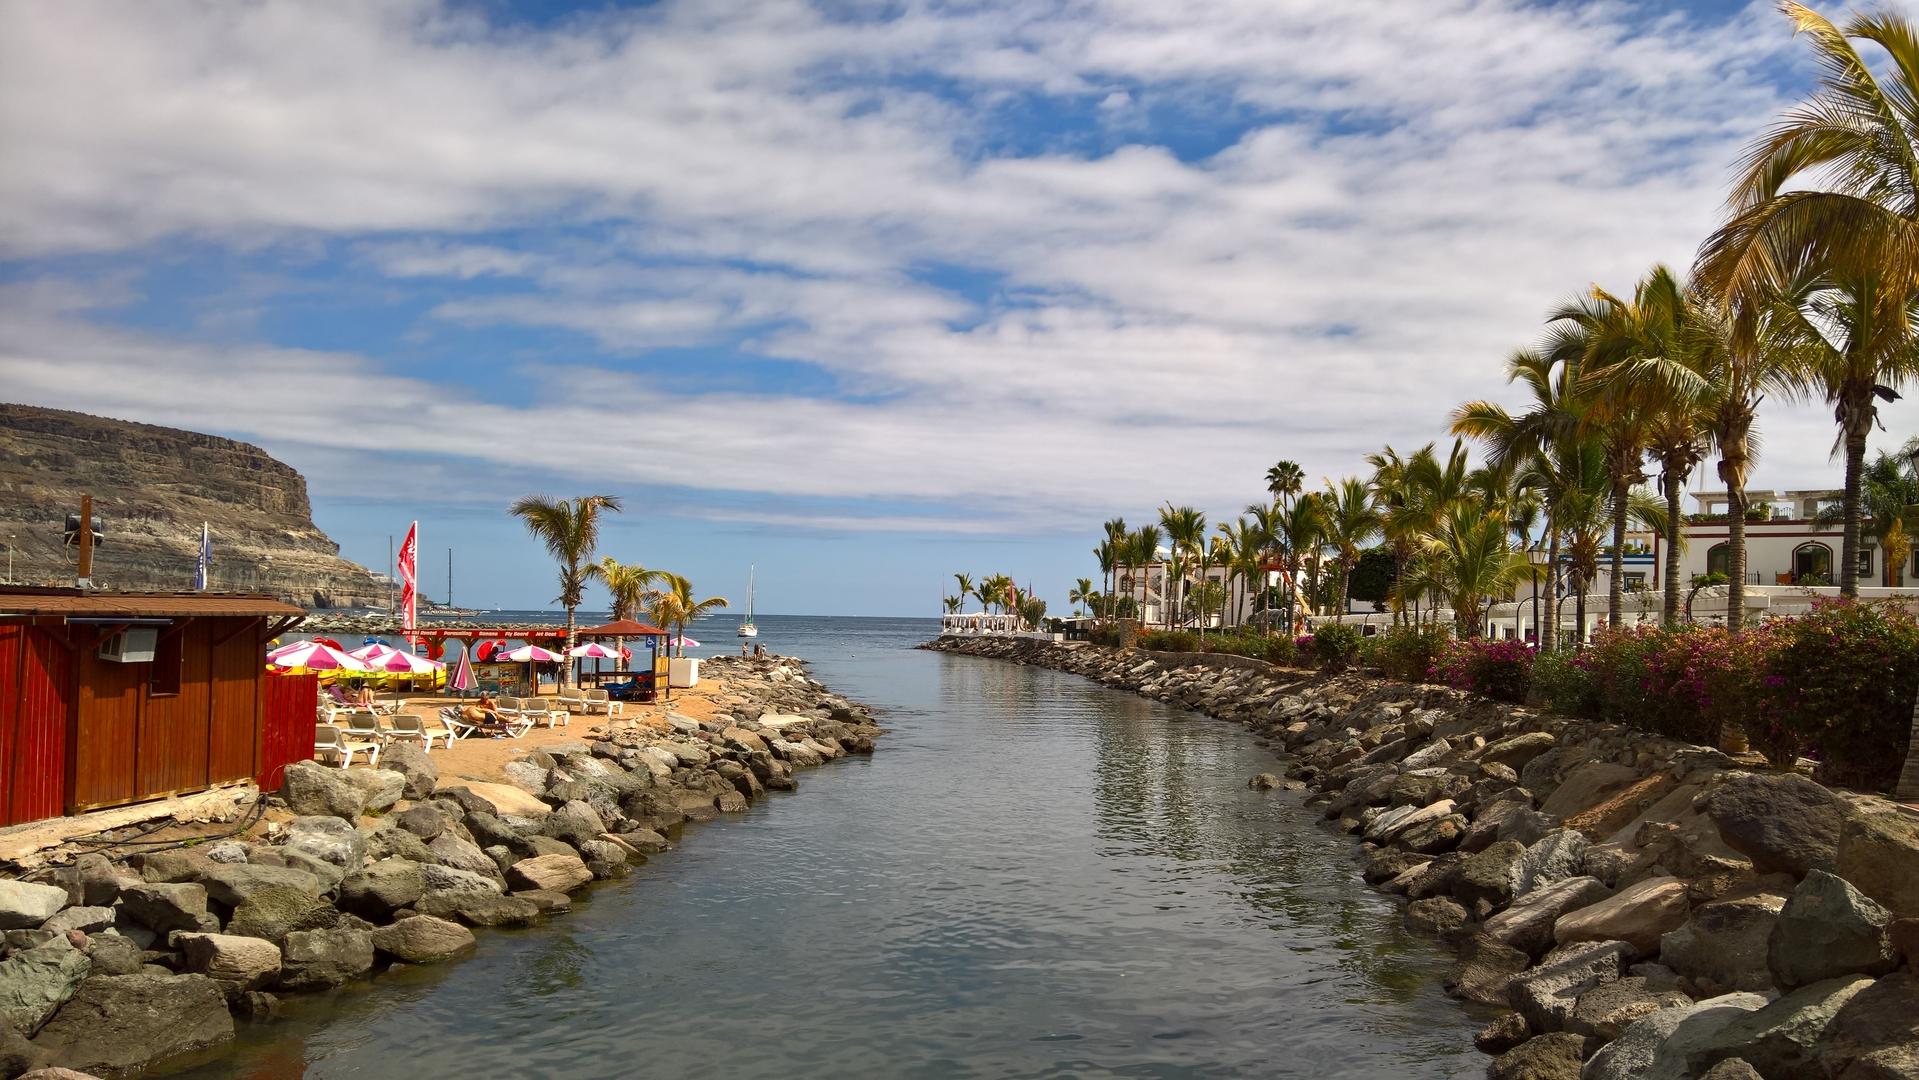 Puerto de Morgan - Blick zum Meer